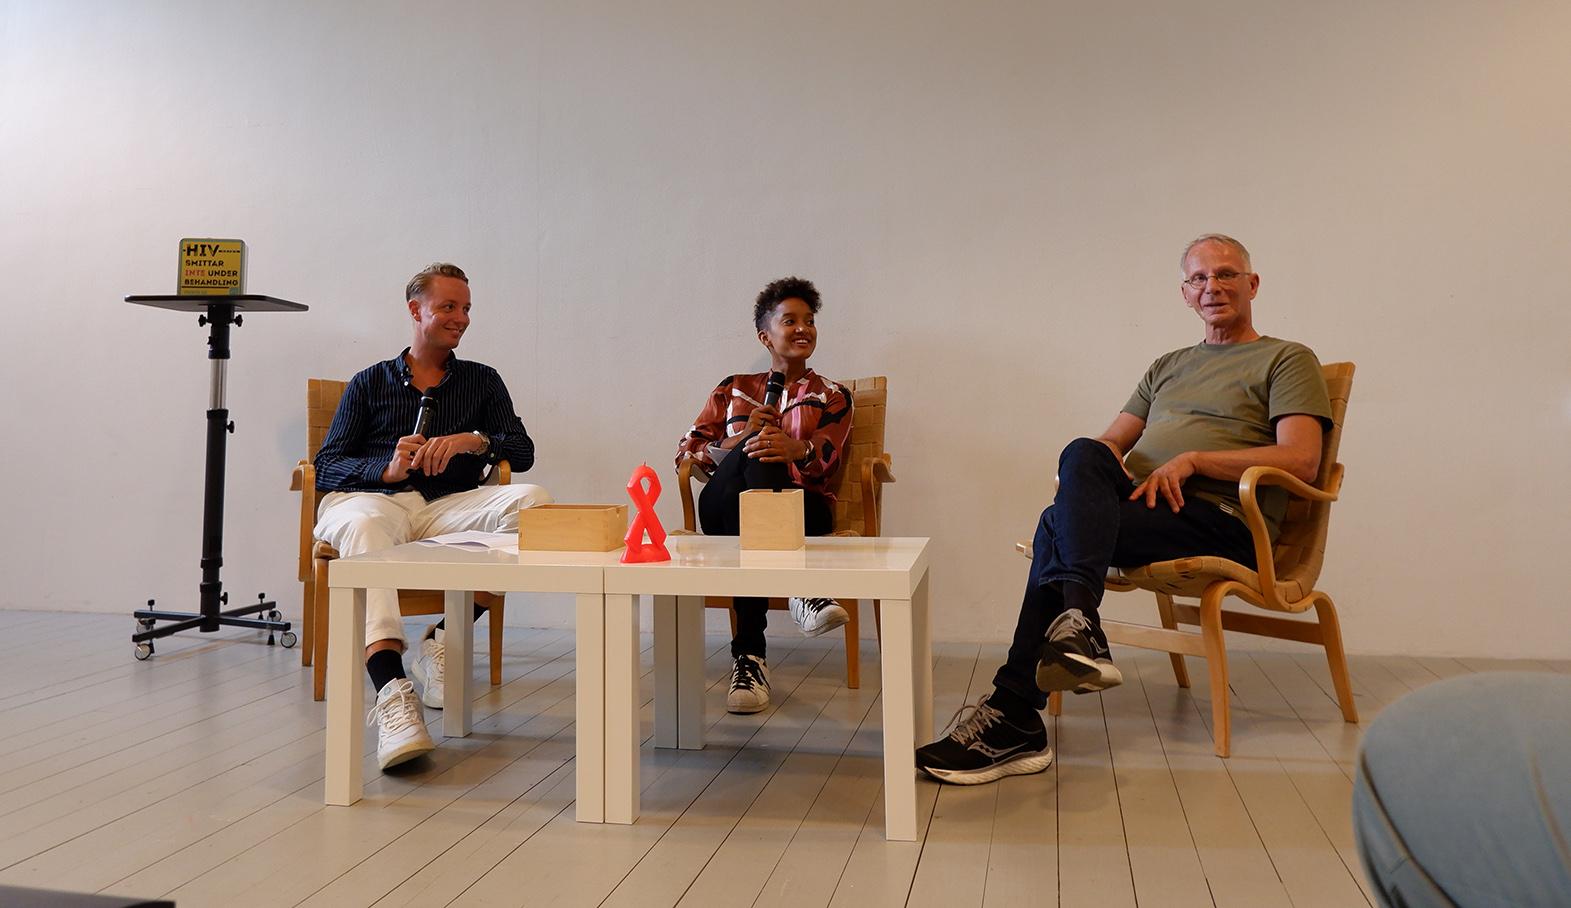 Panelsamtal om hiv på Konsthallen i Malmö